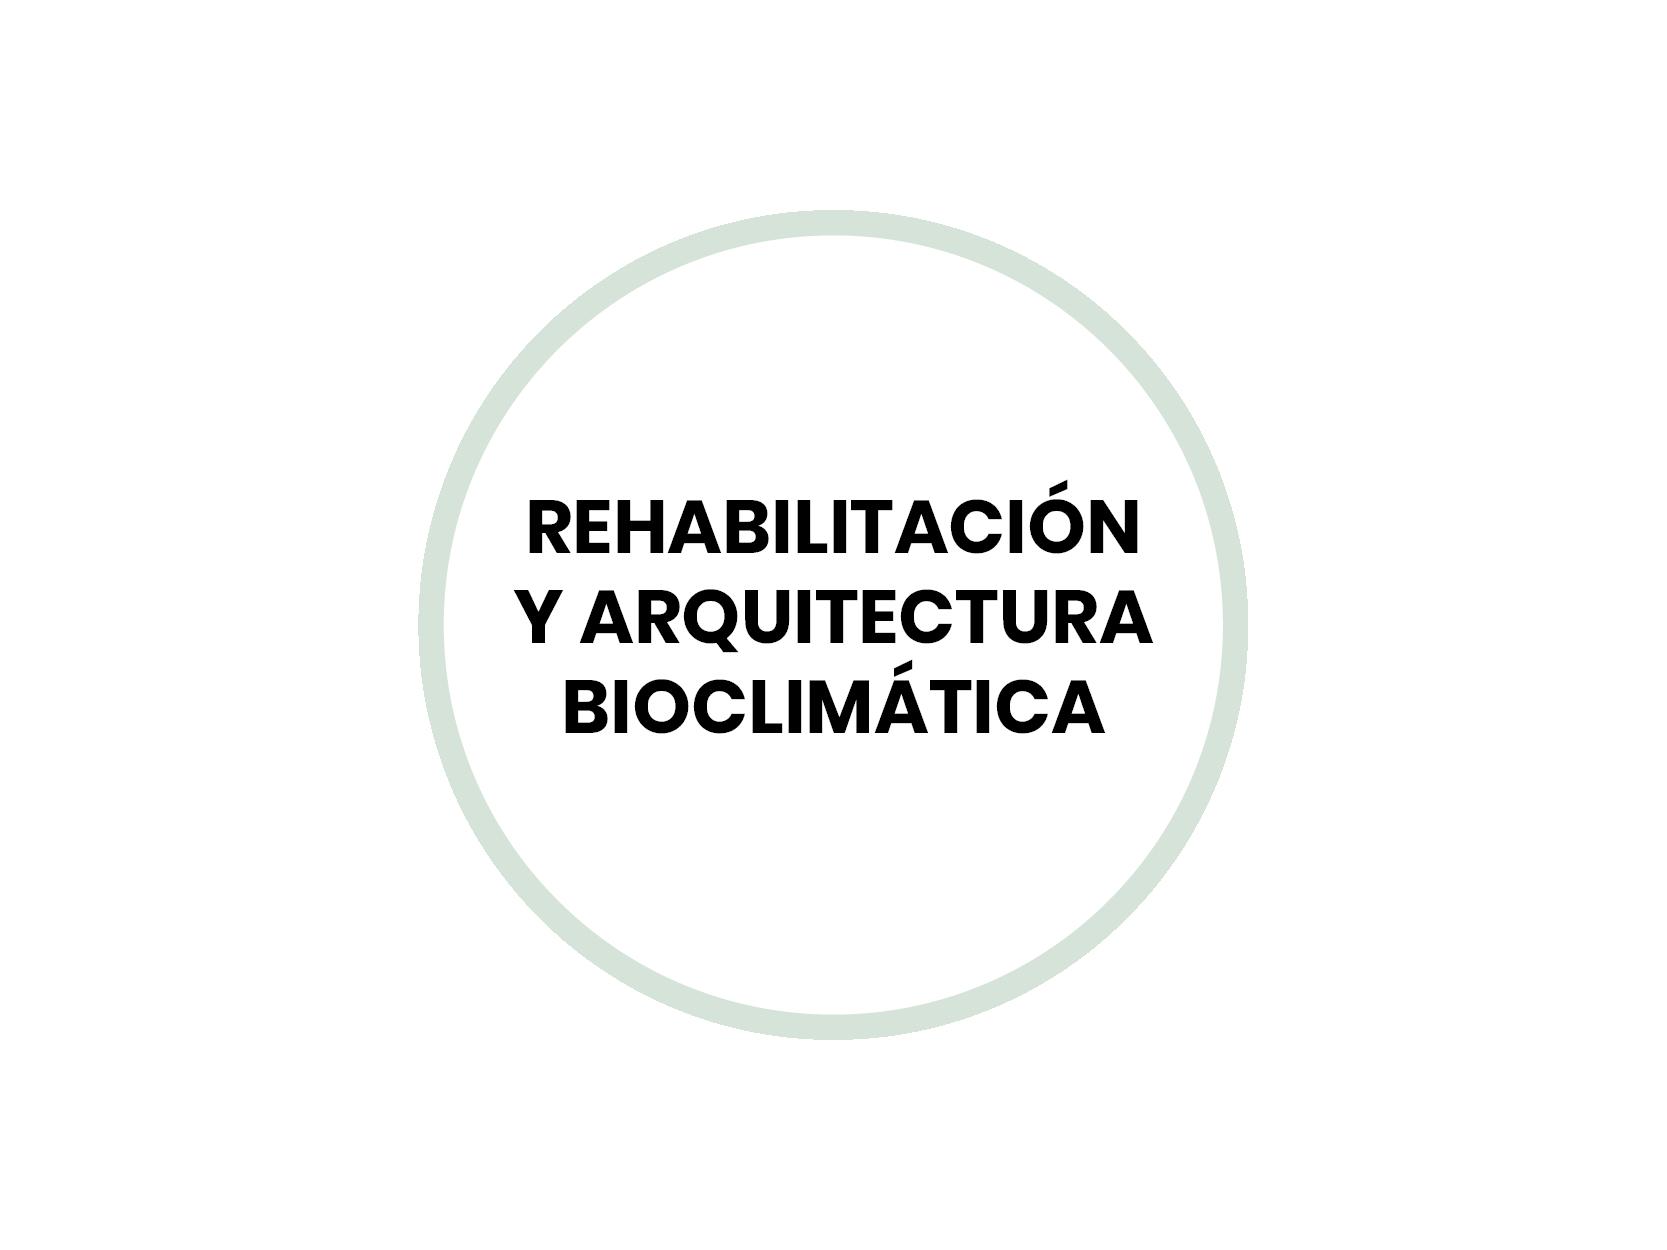 Arquitectura y Rehabilitación Bioclimática